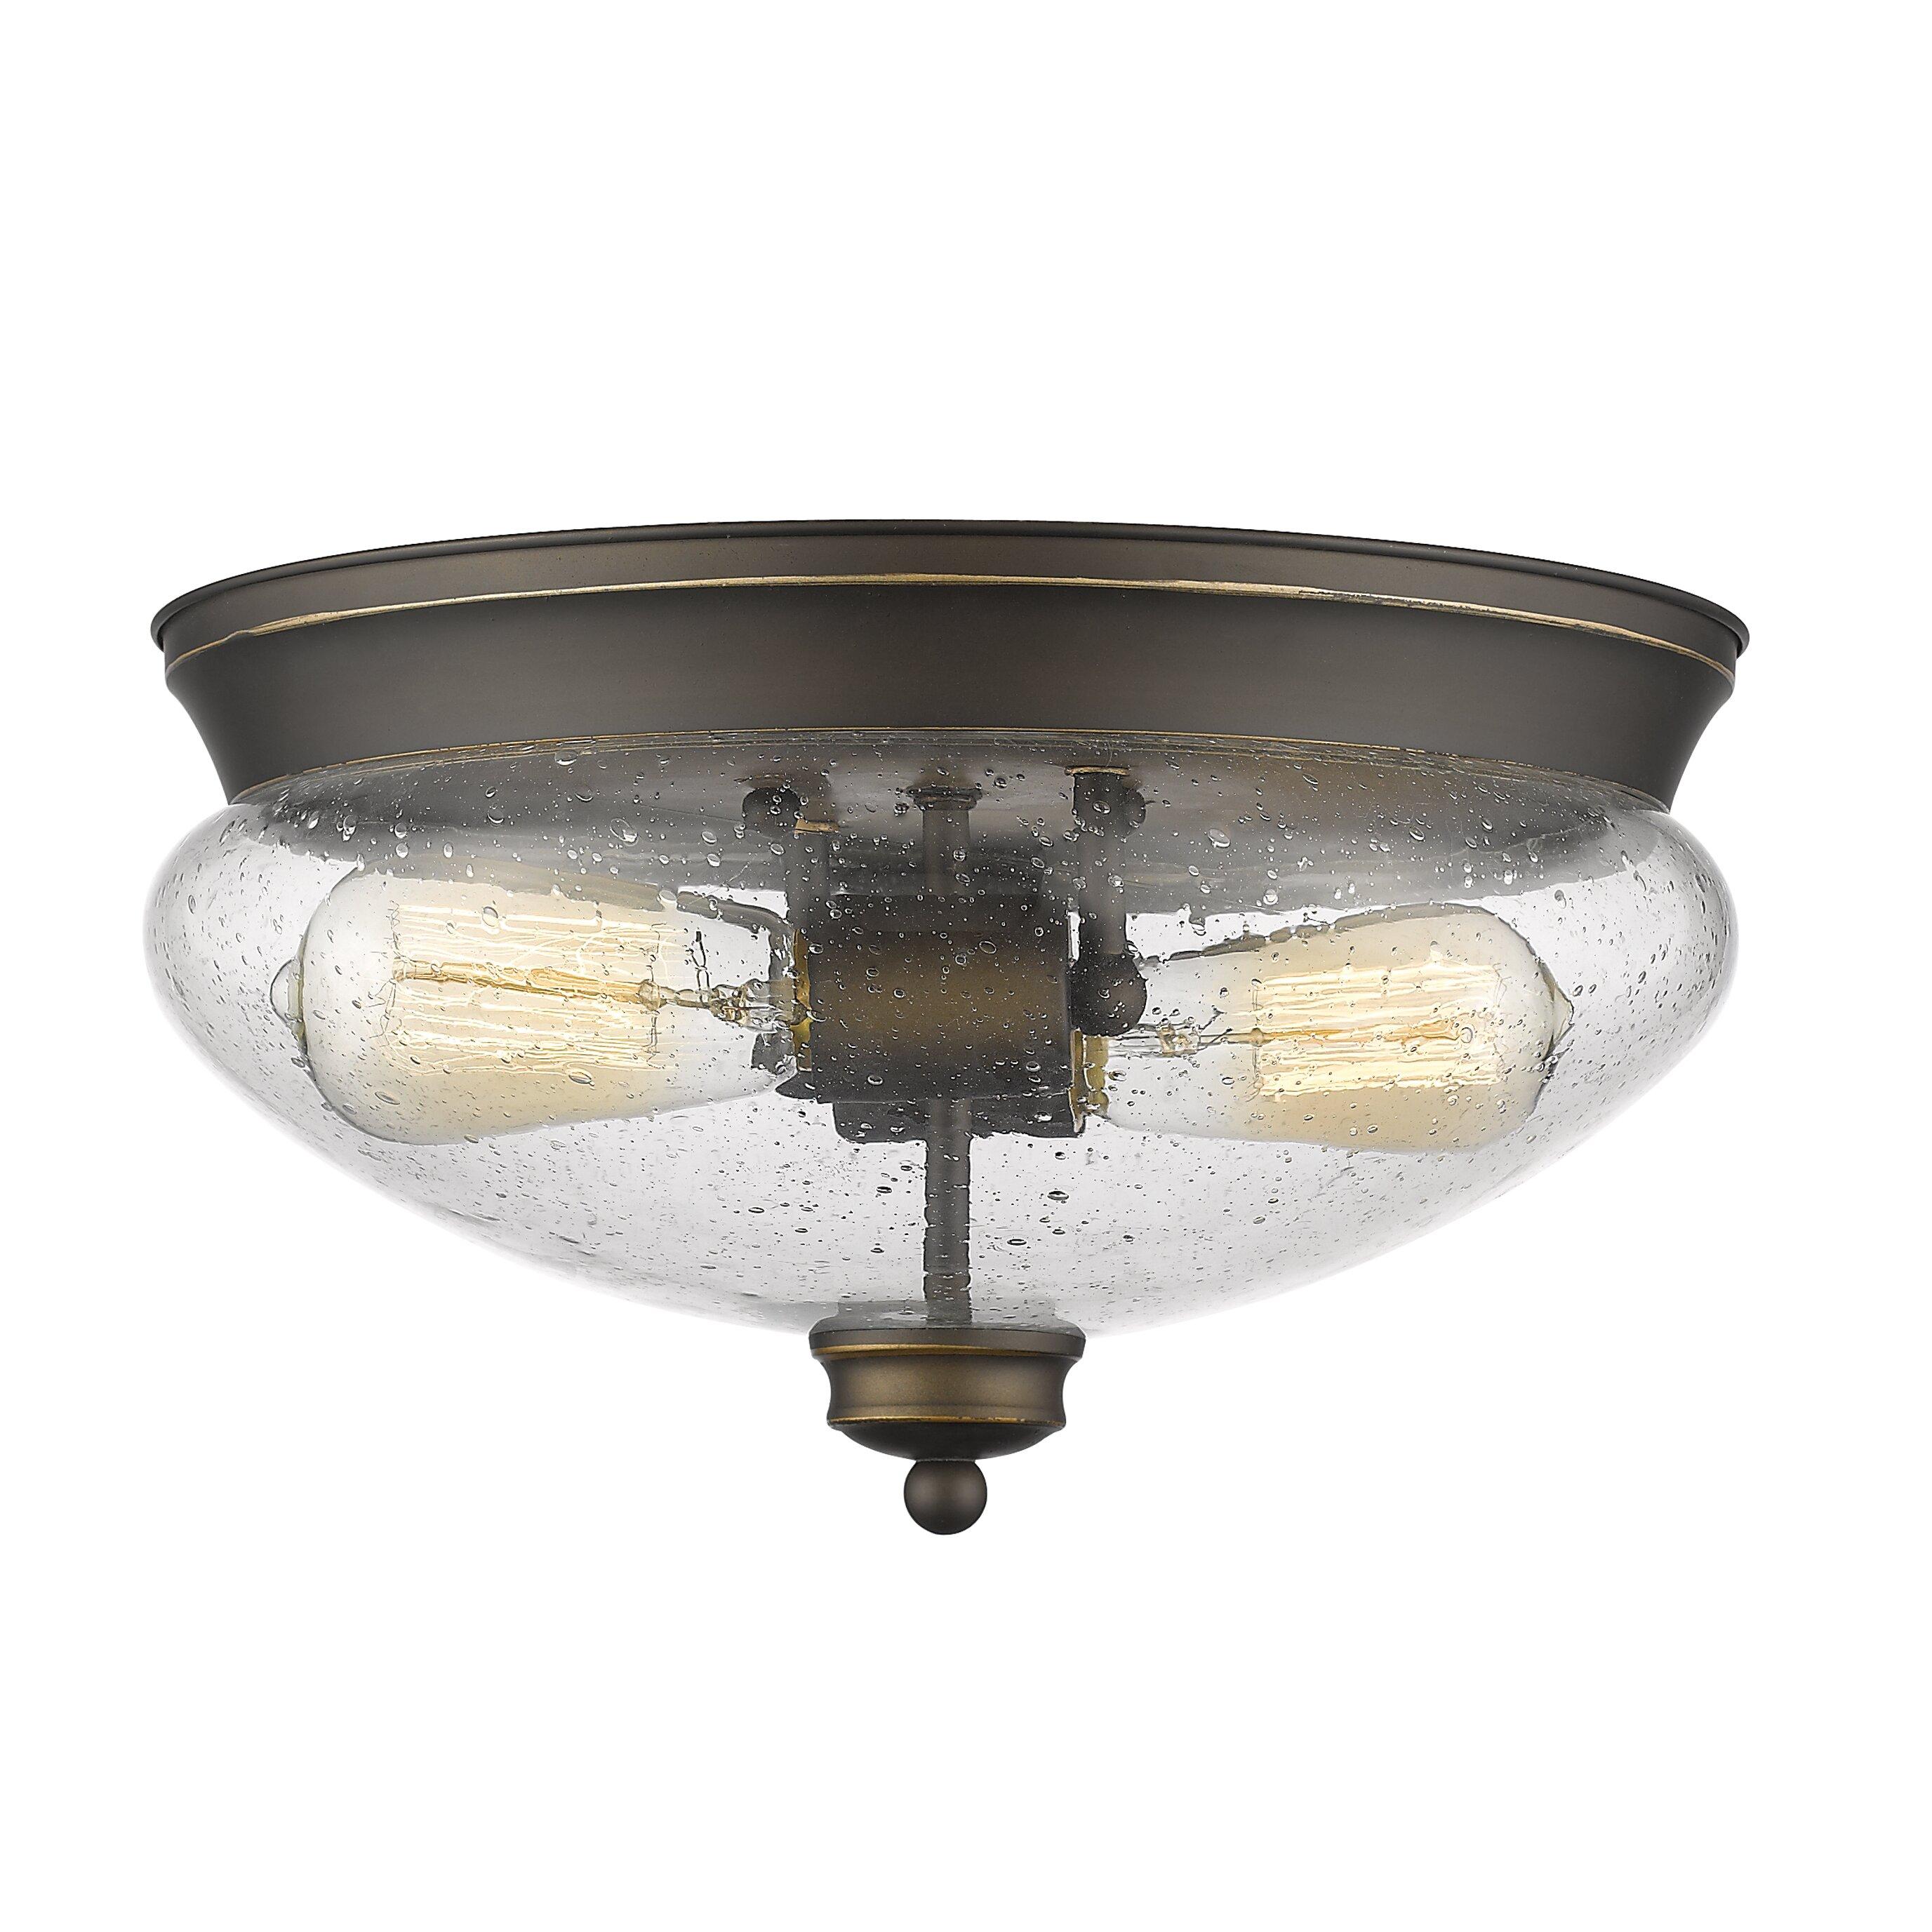 lighting ceiling lights rustic flush mounts z lite sku llh4171. Black Bedroom Furniture Sets. Home Design Ideas